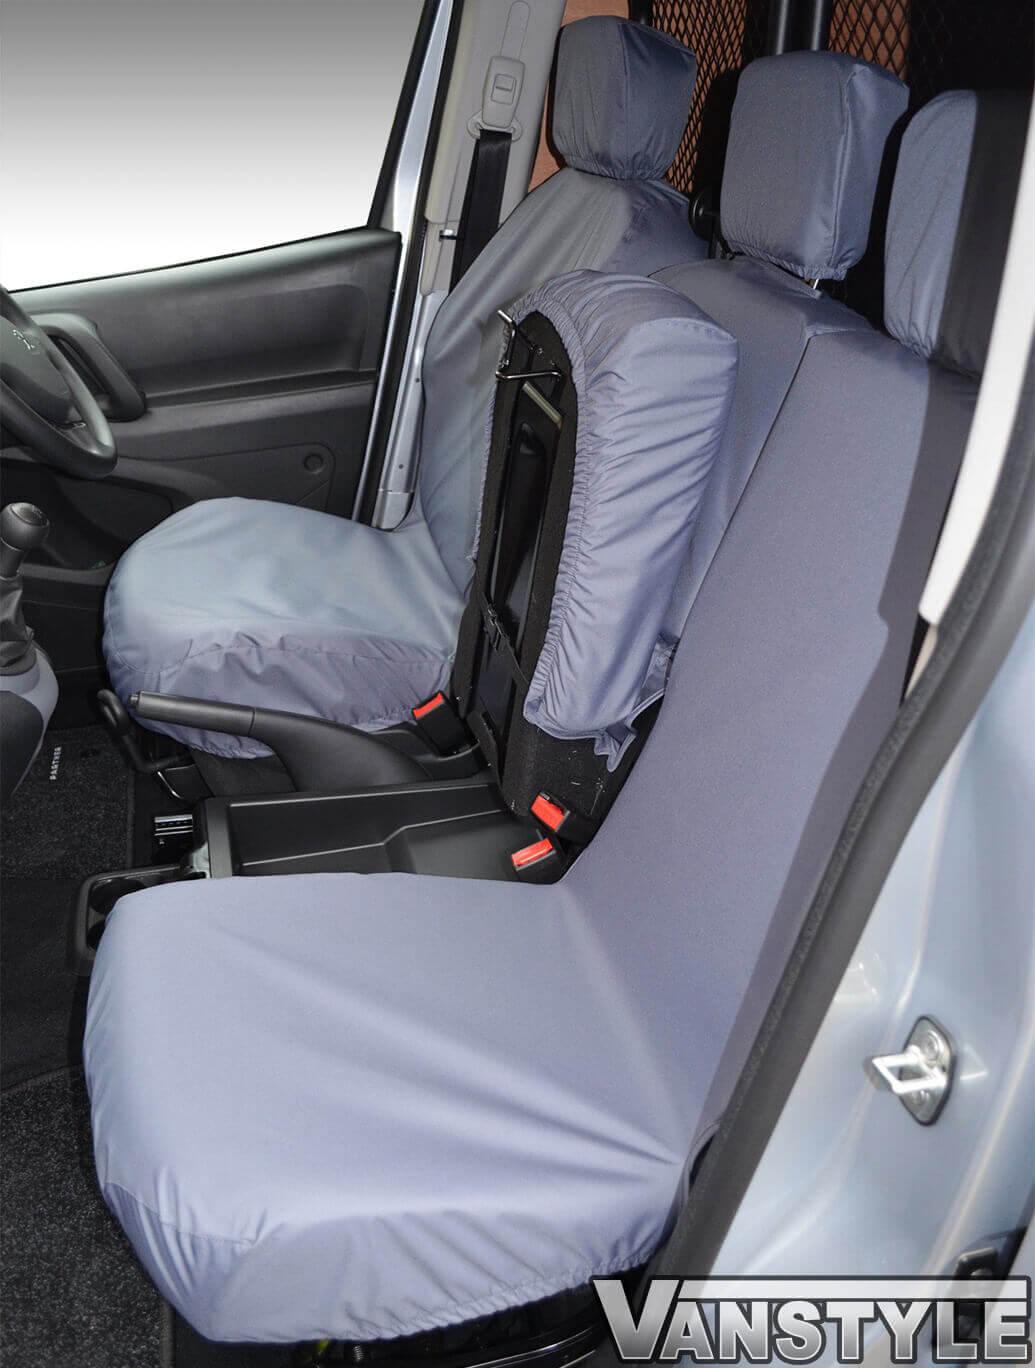 BMW 3 Series E93 Convertible 2007-2014 2.0 3.0 Front Brake Pads Set W155-H64-T20